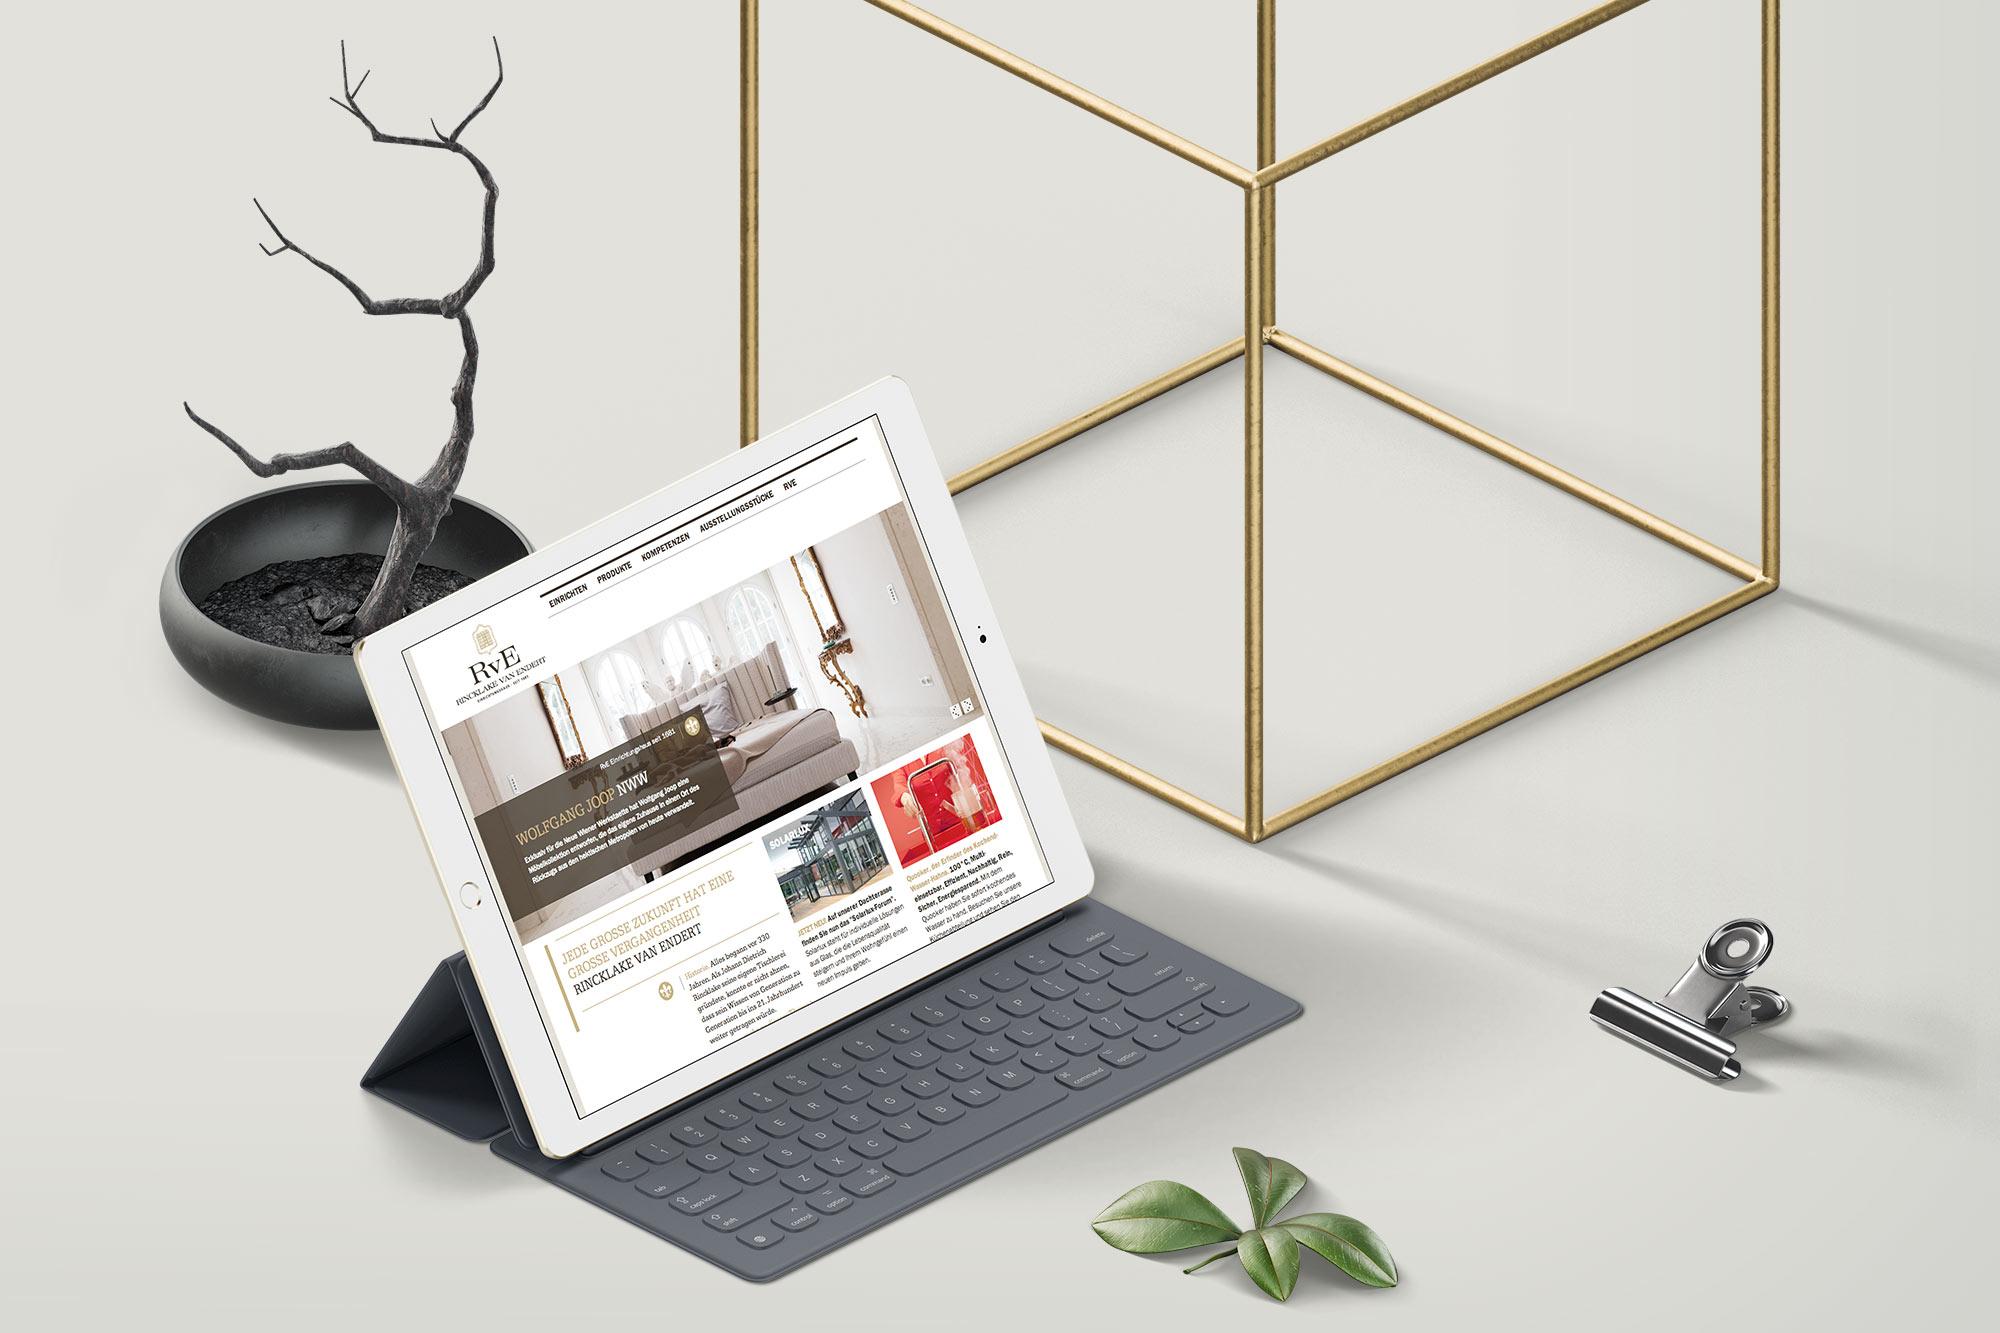 rincklake van endert nolte hammer. Black Bedroom Furniture Sets. Home Design Ideas